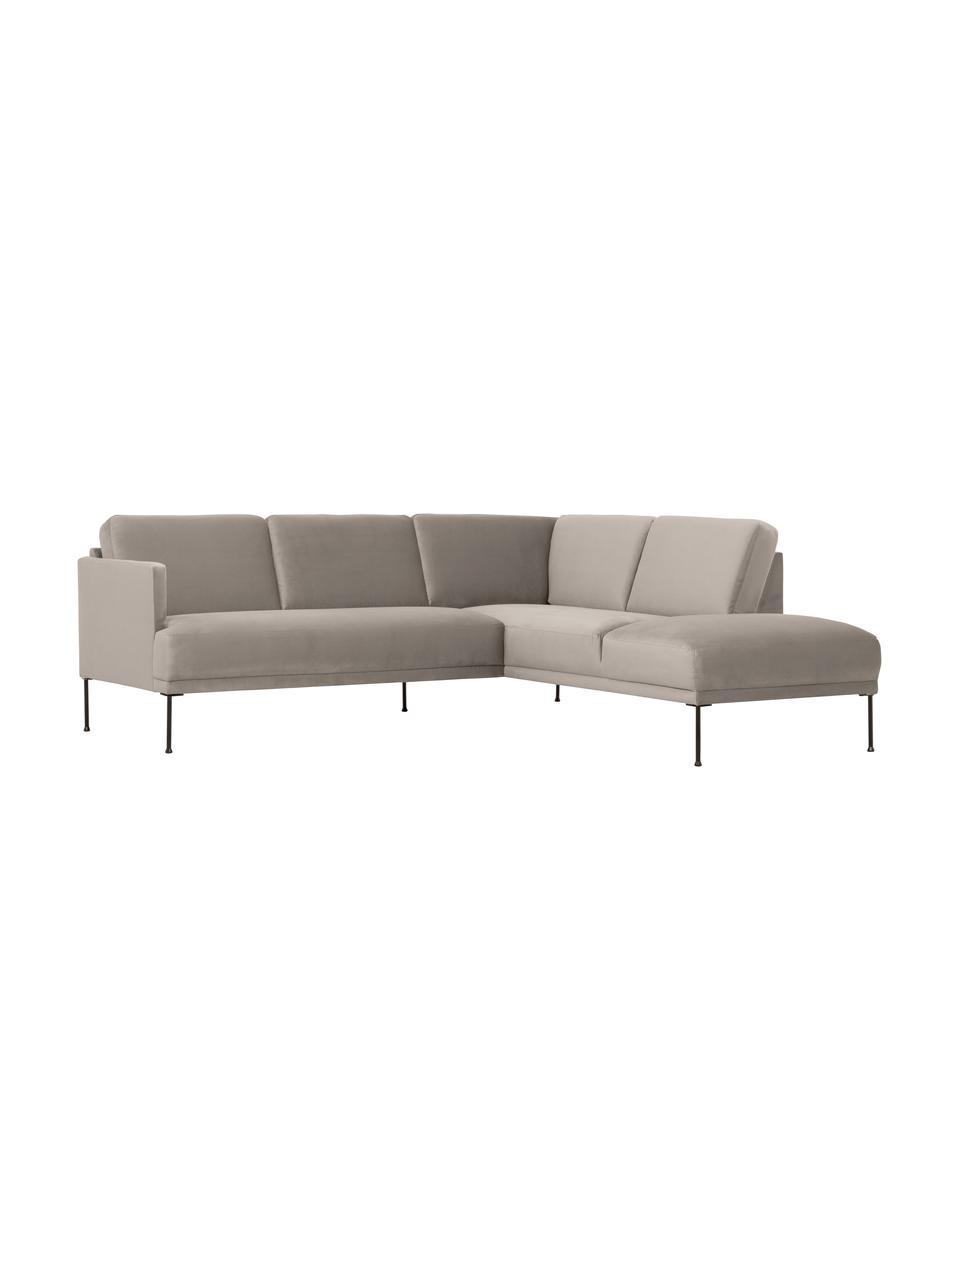 Sofa narożna z aksamitu z metalowymi nogami Fluente, Tapicerka: aksamit (wysokiej jakości, Nogi: metal malowany proszkowo, Aksamitny beżowy, S 221 x G 200 cm